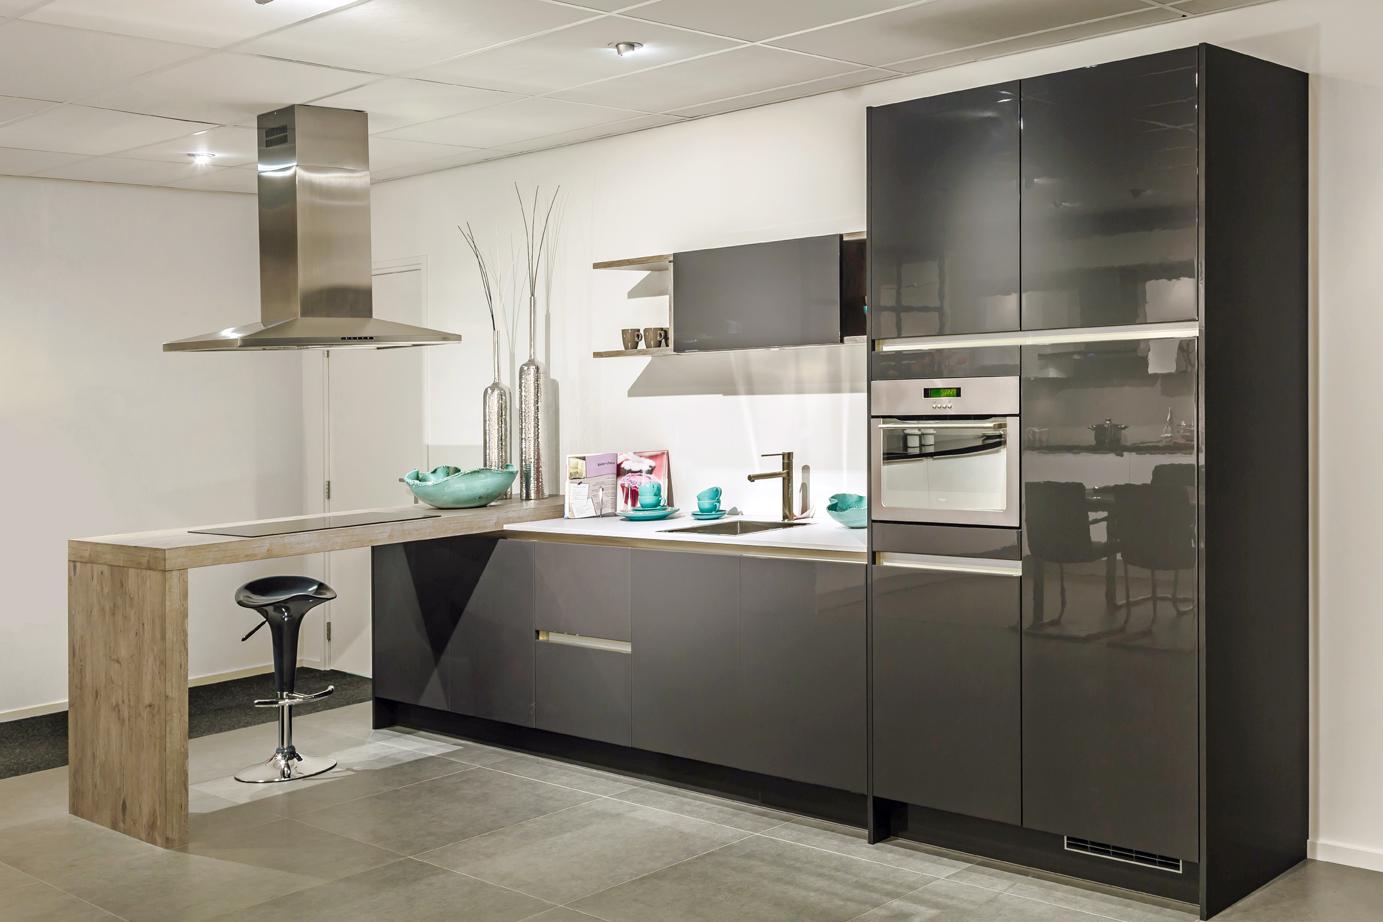 carrousel voor keuken : Hoekkast Ikea Keuken Trendy Hoekkast Ikea Keuken With Hoekkast